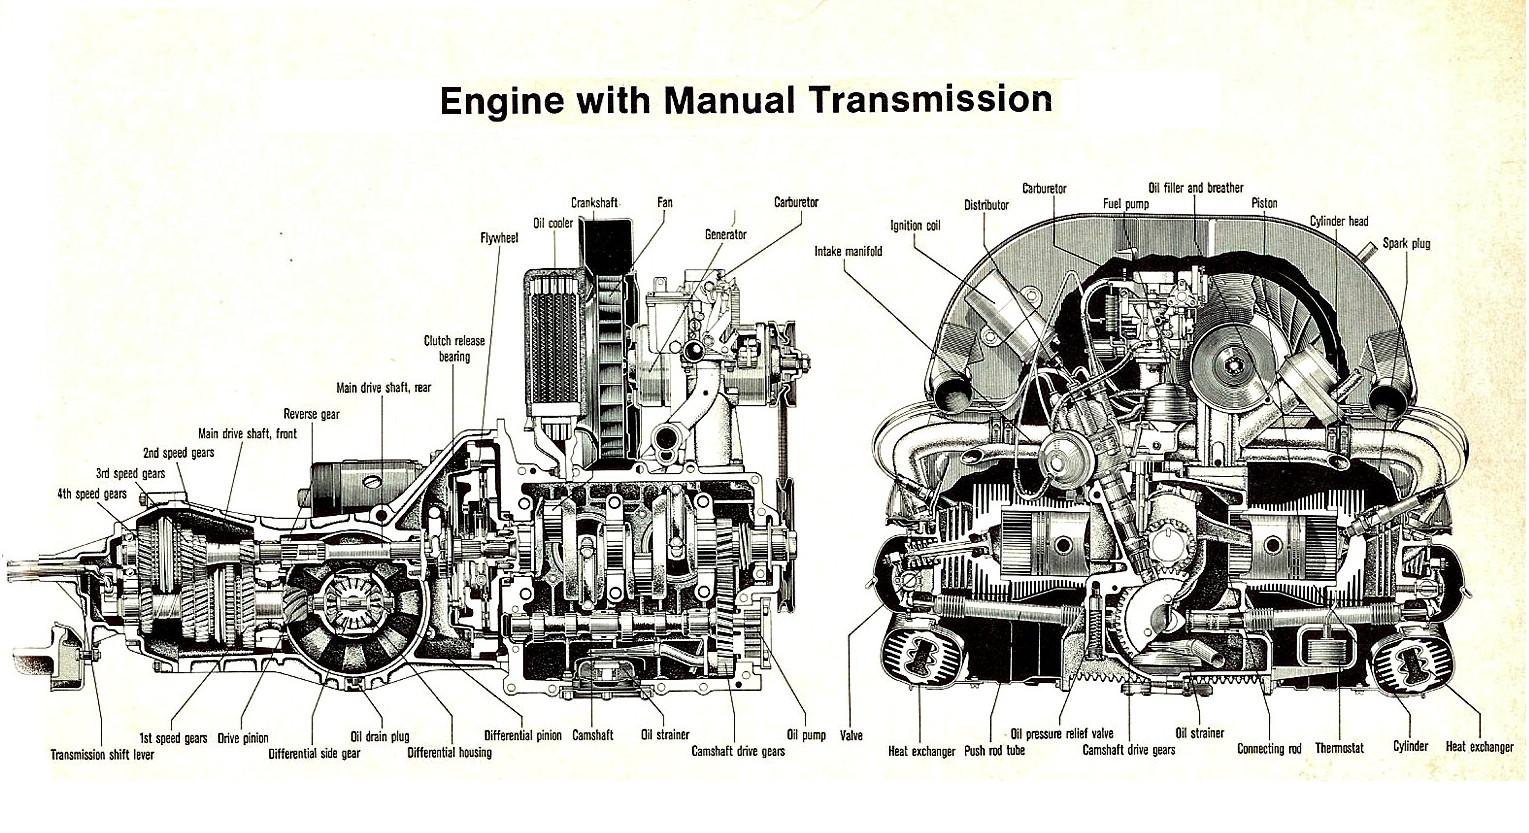 1976 Vw 1600 Engine Diagram Volkswagen Escarabajo Vochos Marzo 2013 Of 1976 Vw 1600 Engine Diagram